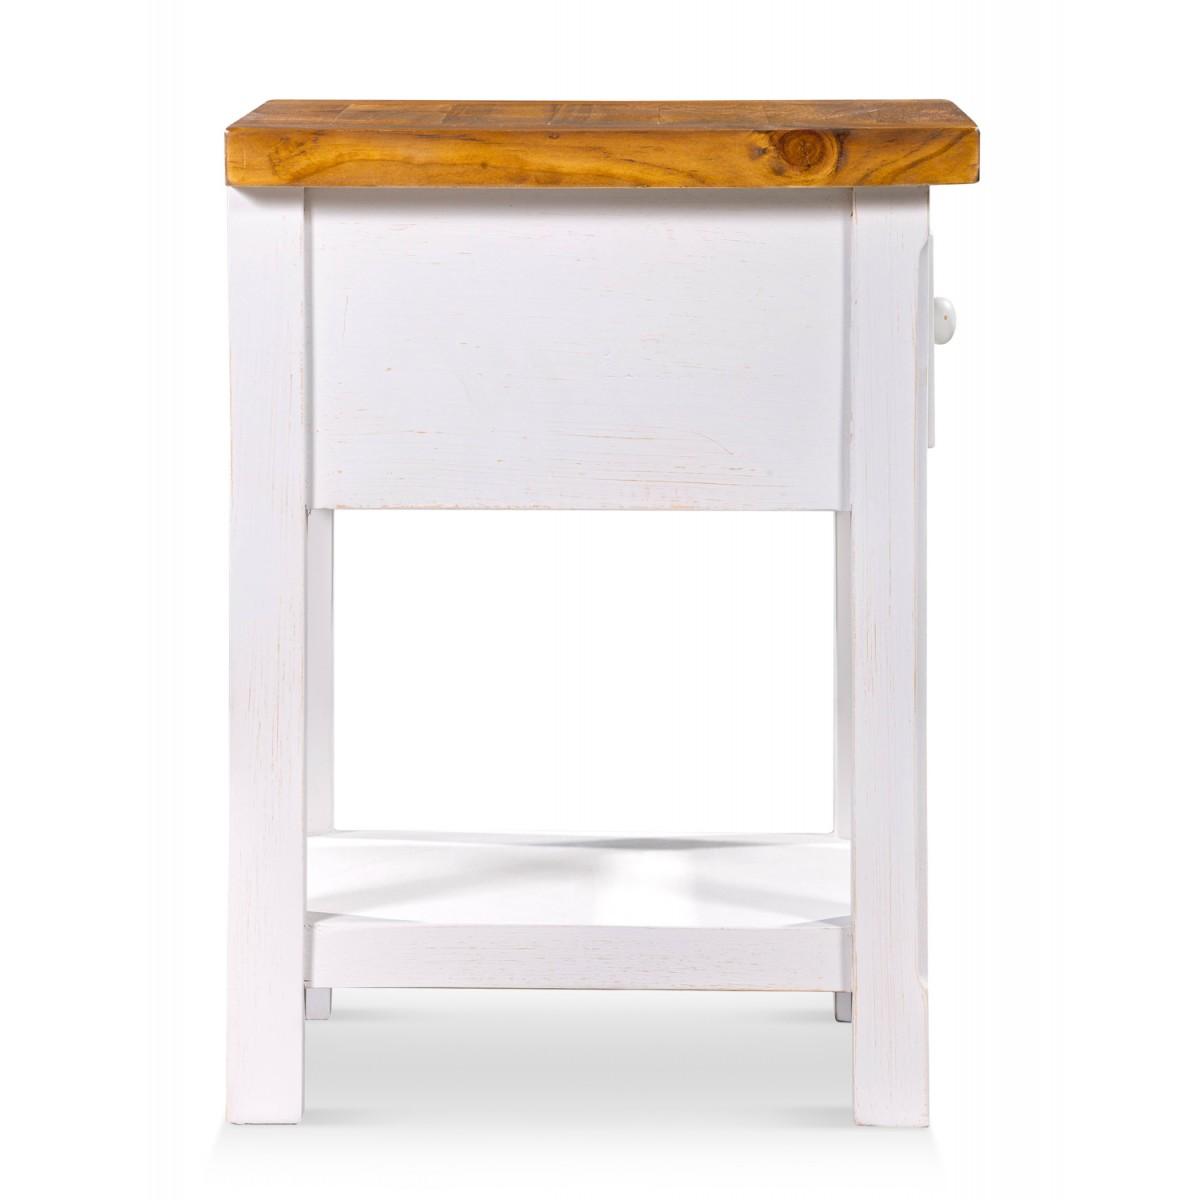 Table de chevet Bois Blanc 50x45x60cm